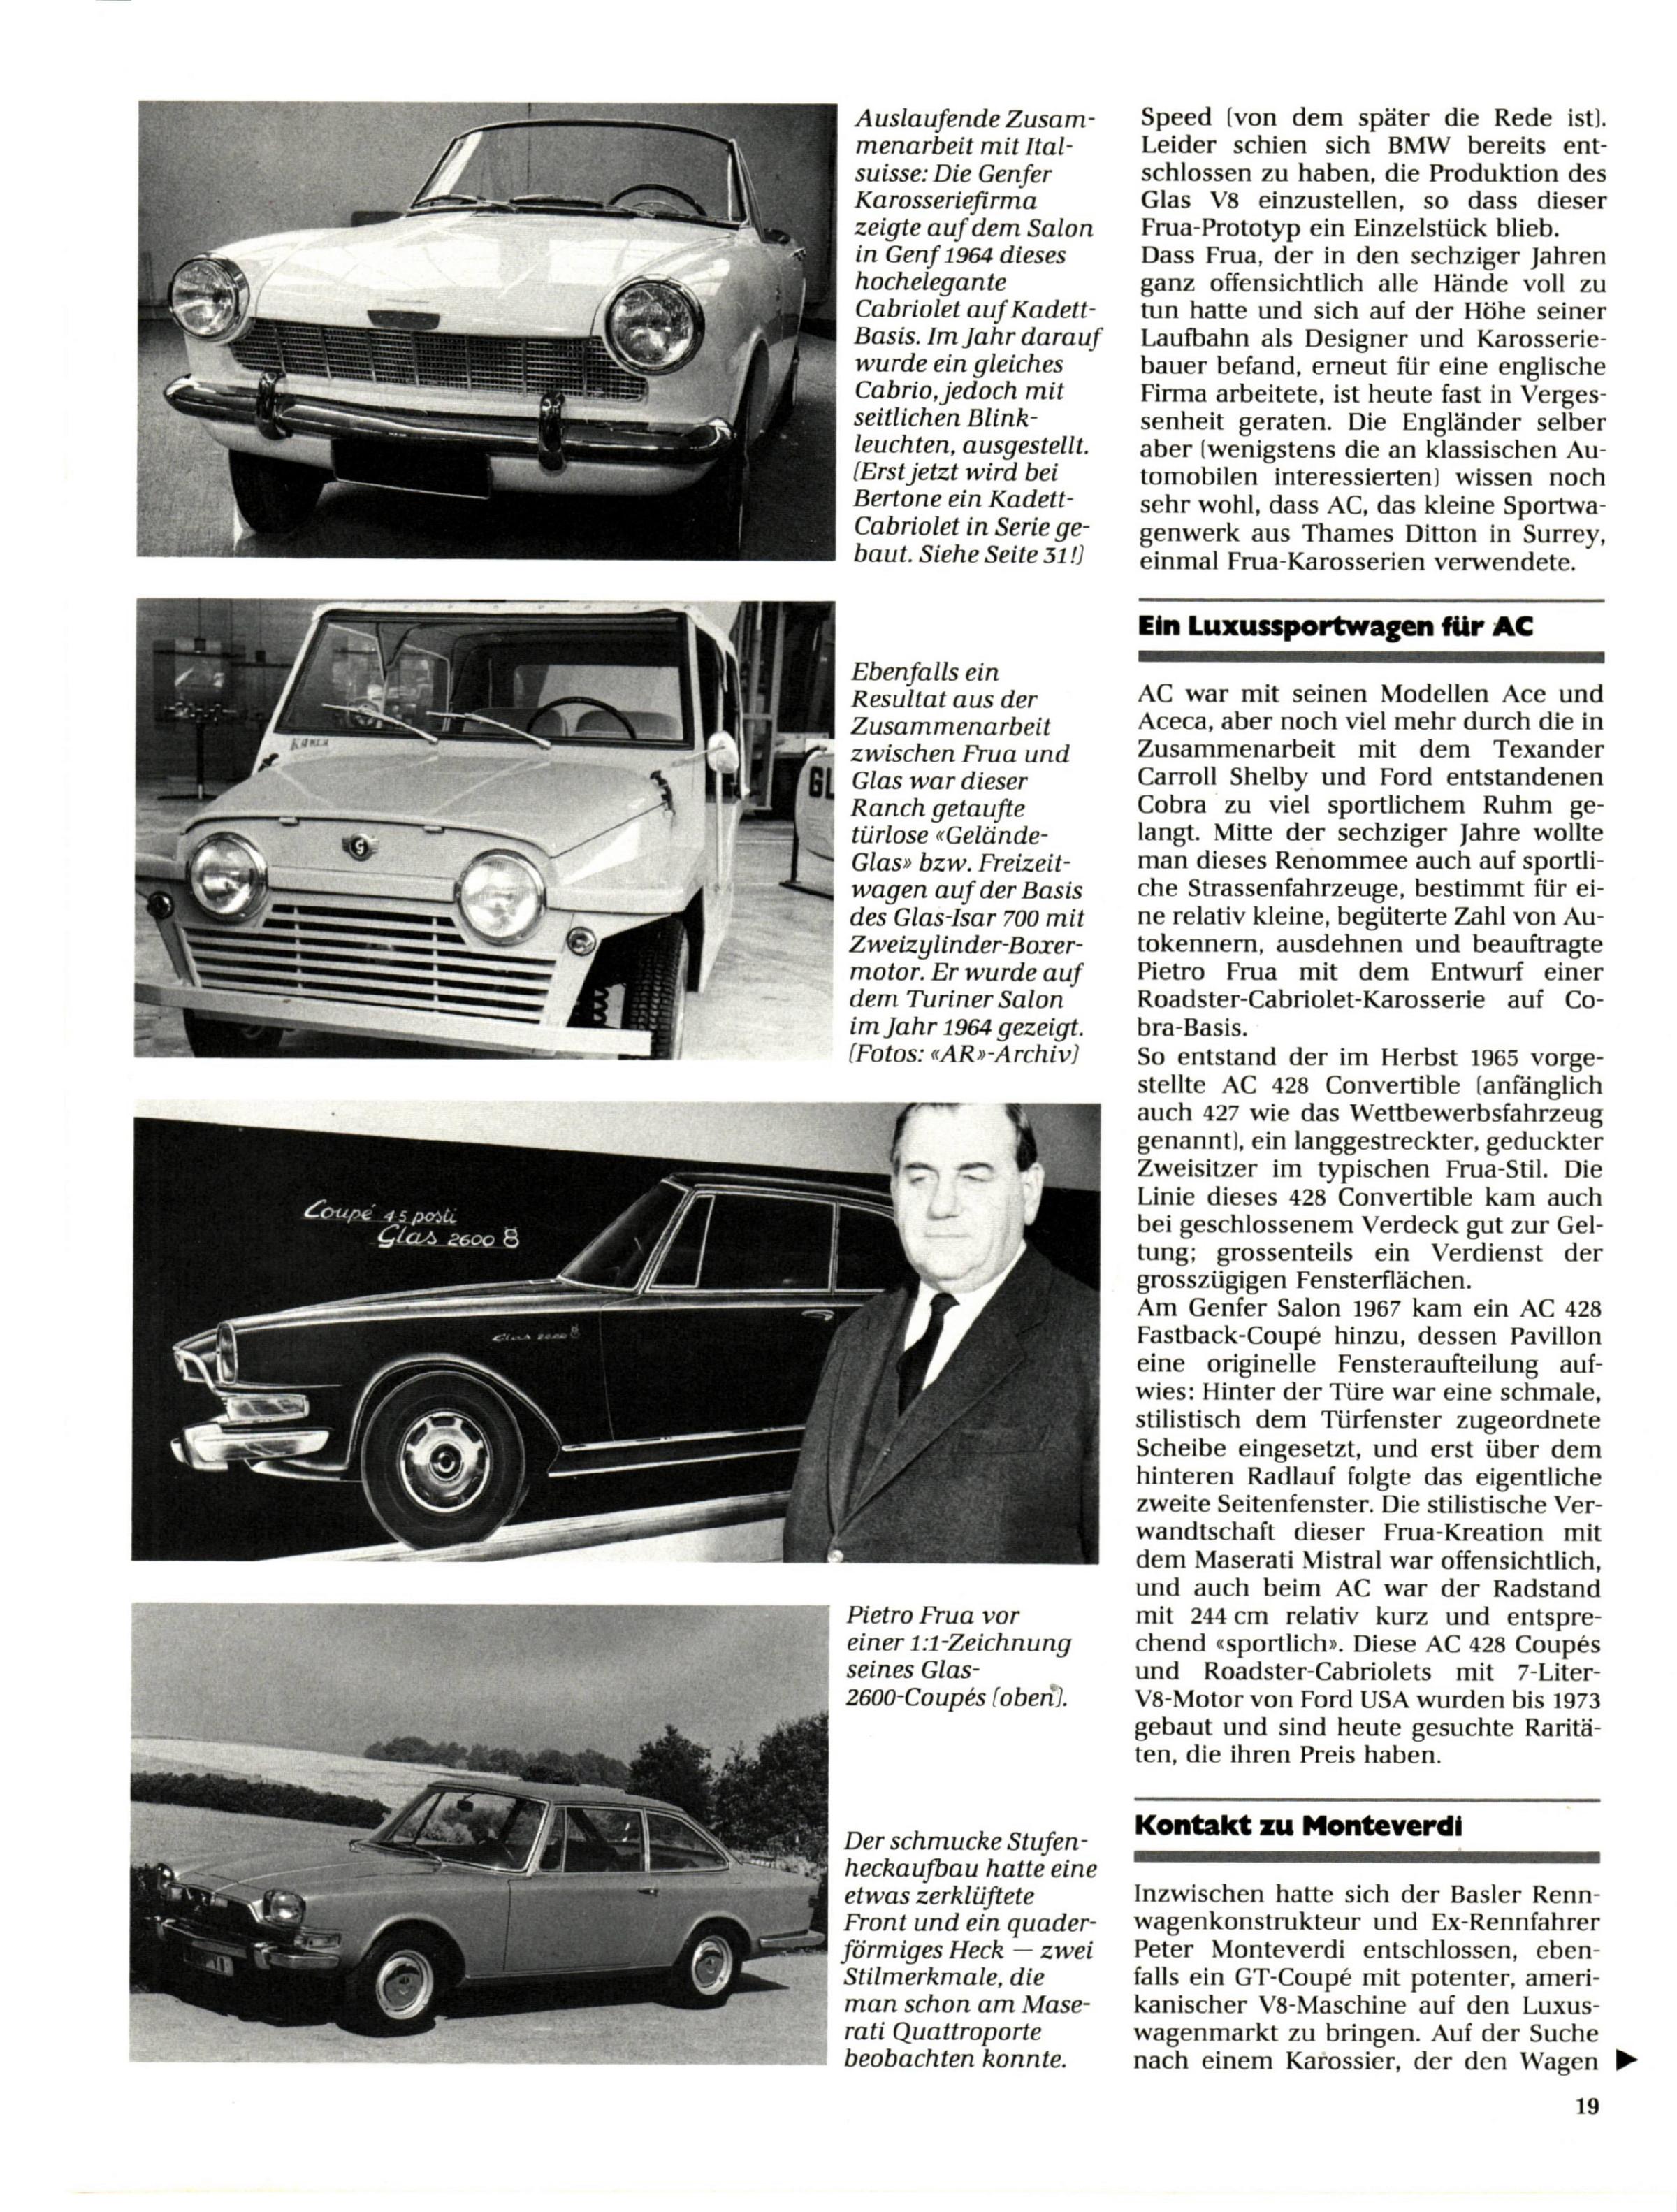 Index Of Motorin Frua 198706 Auto Exklusiv 2400